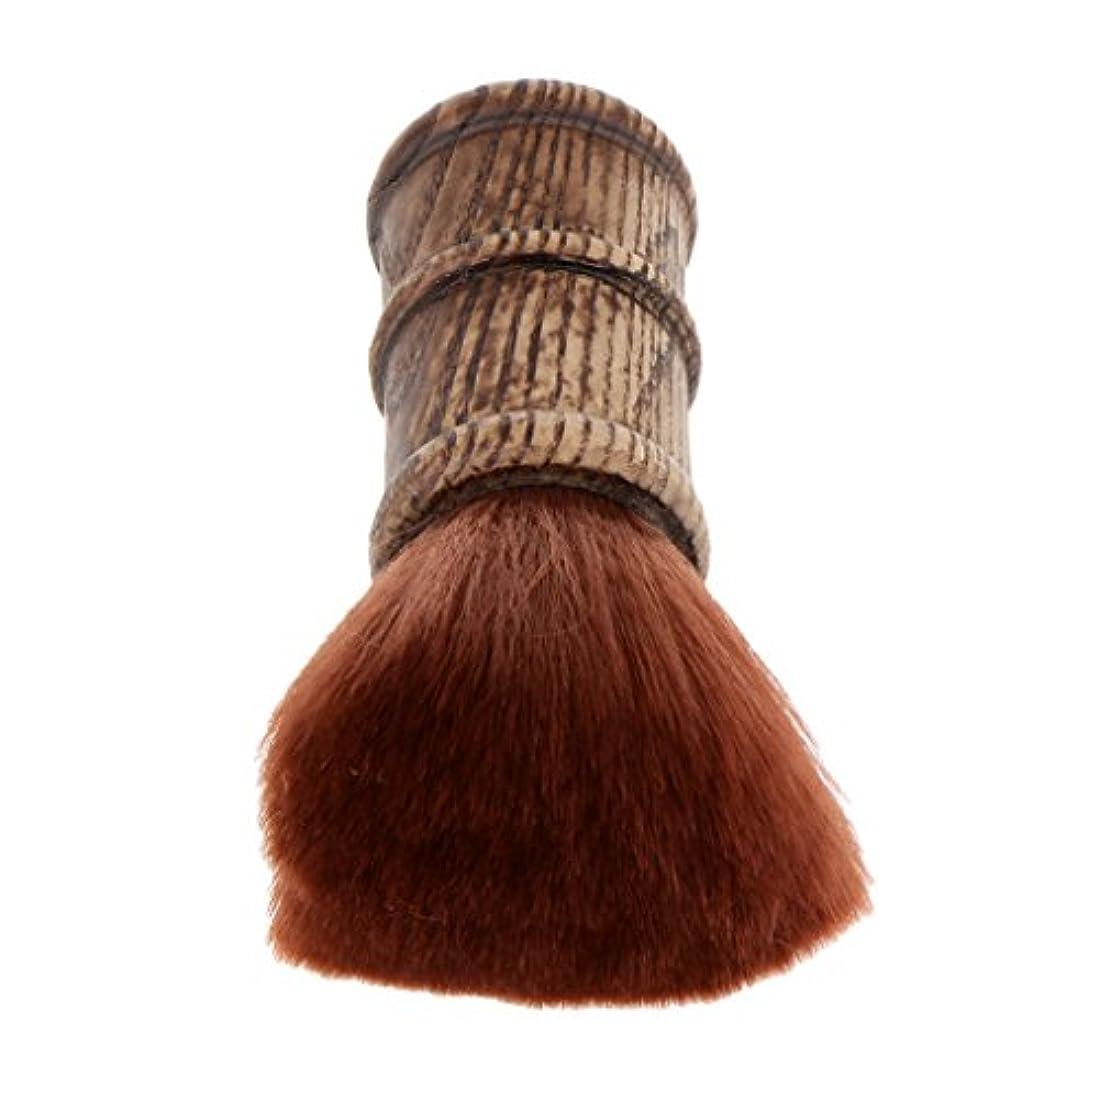 きれいに協力するデュアルネックダスターブラシ ヘアカットブラシ ブラシ プロ サロン 柔らかい 自宅用 ヘアスタイリスト ヘアカット 散髪 理髪師 2色選べる - 褐色